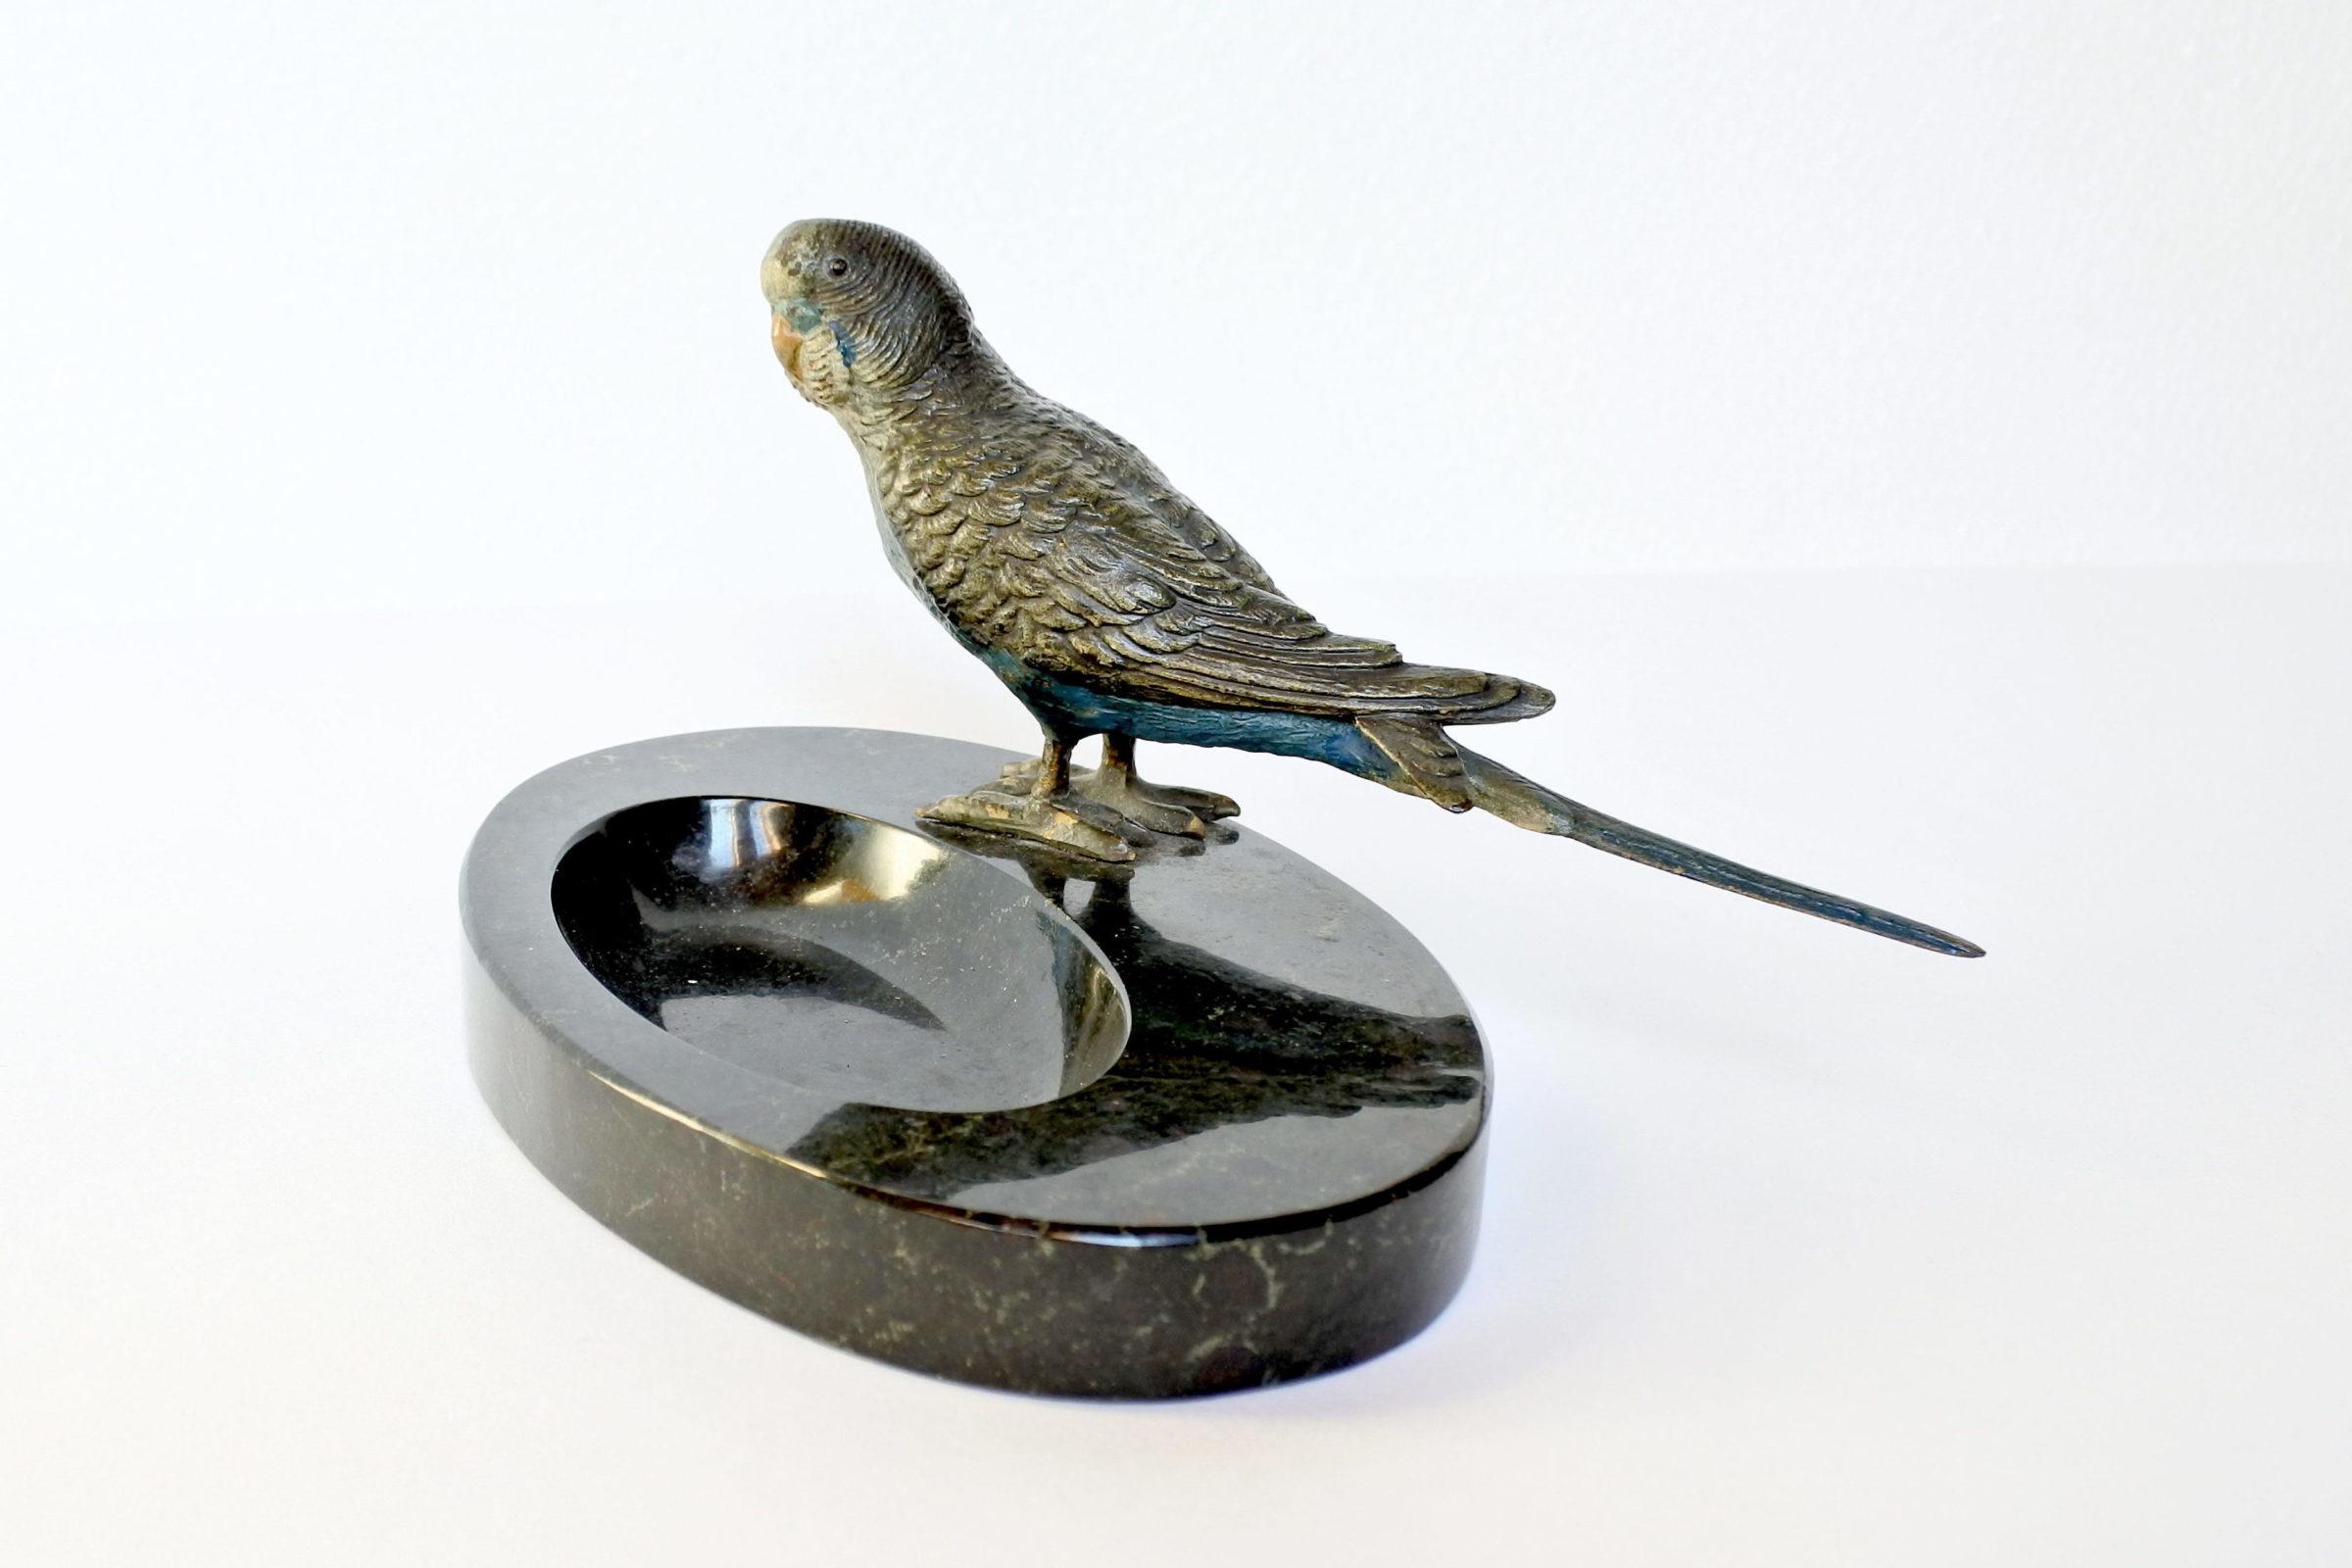 Posacenere o svuotatasche in marmo con pappagallo in bronzo di Vienna - 3